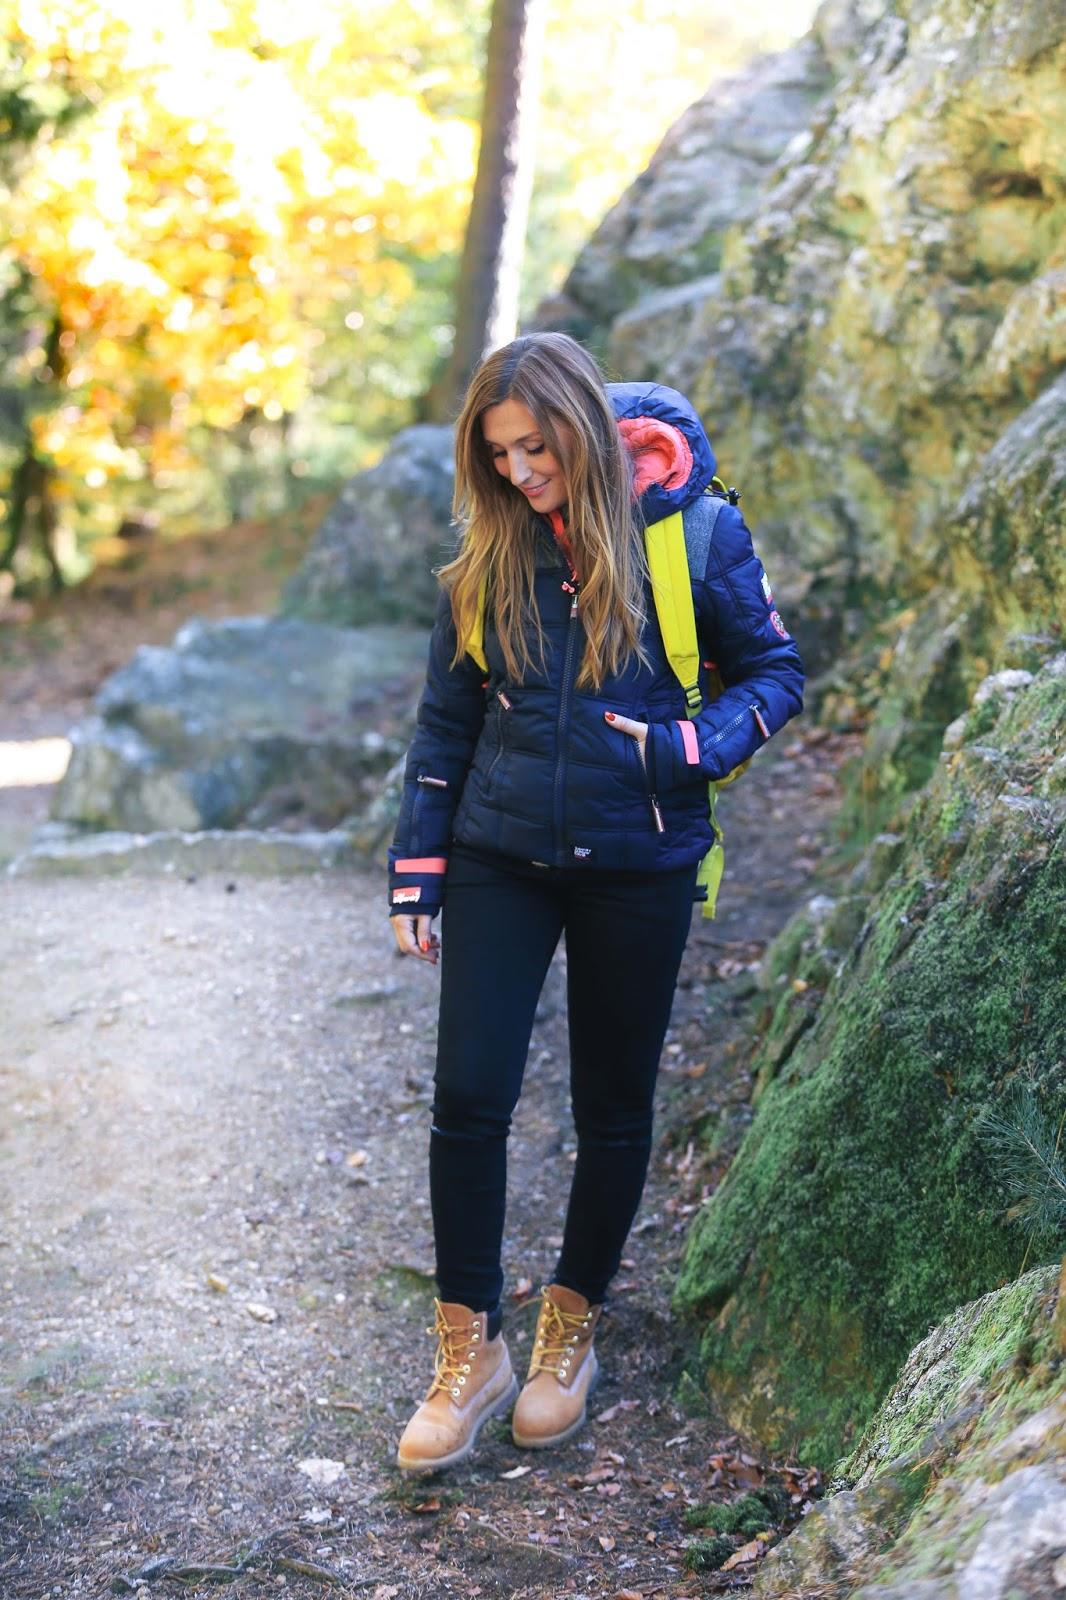 Hiking Time Was Trage Ich Auf Einer Wanderung Durch Den